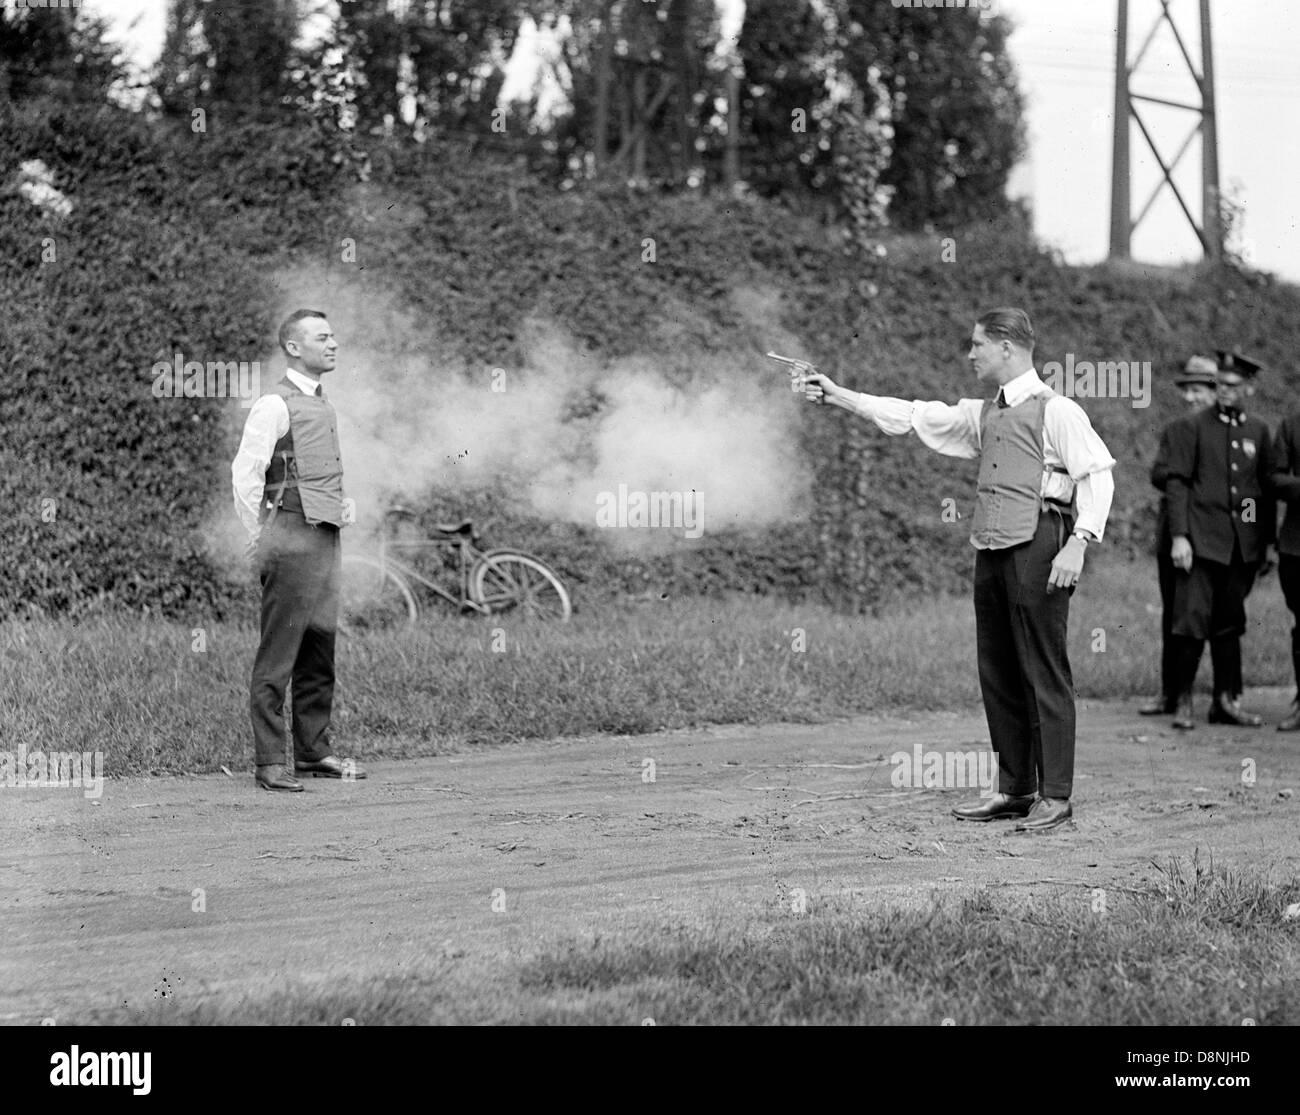 Testing a bullet-proof vest,  bullet proof vest, bulletproof vest being tested - Stock Image